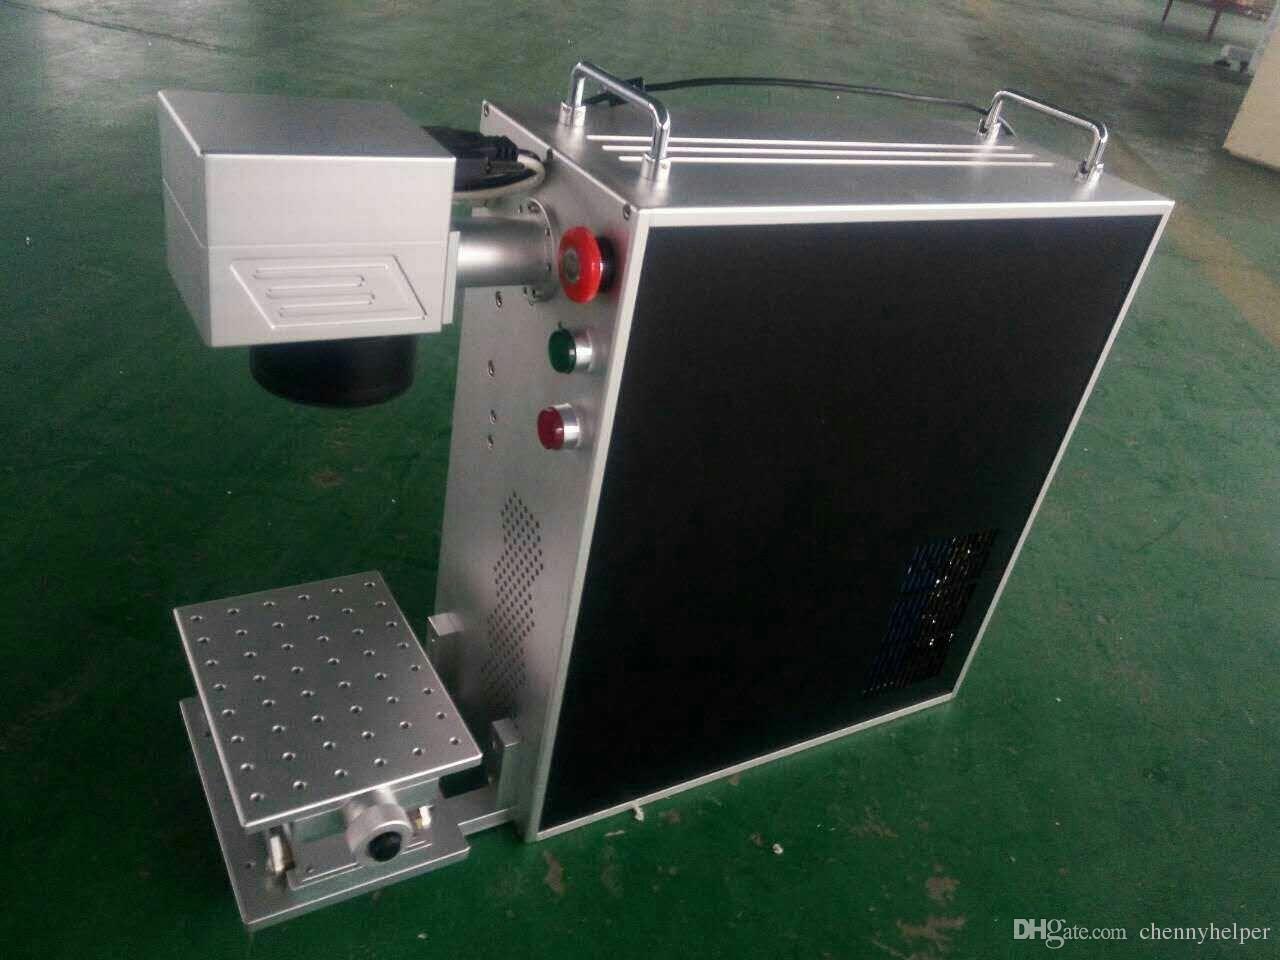 20W آلة وسم الليزر الألياف المعدنية المحمولة مع كمبيوتر محمول